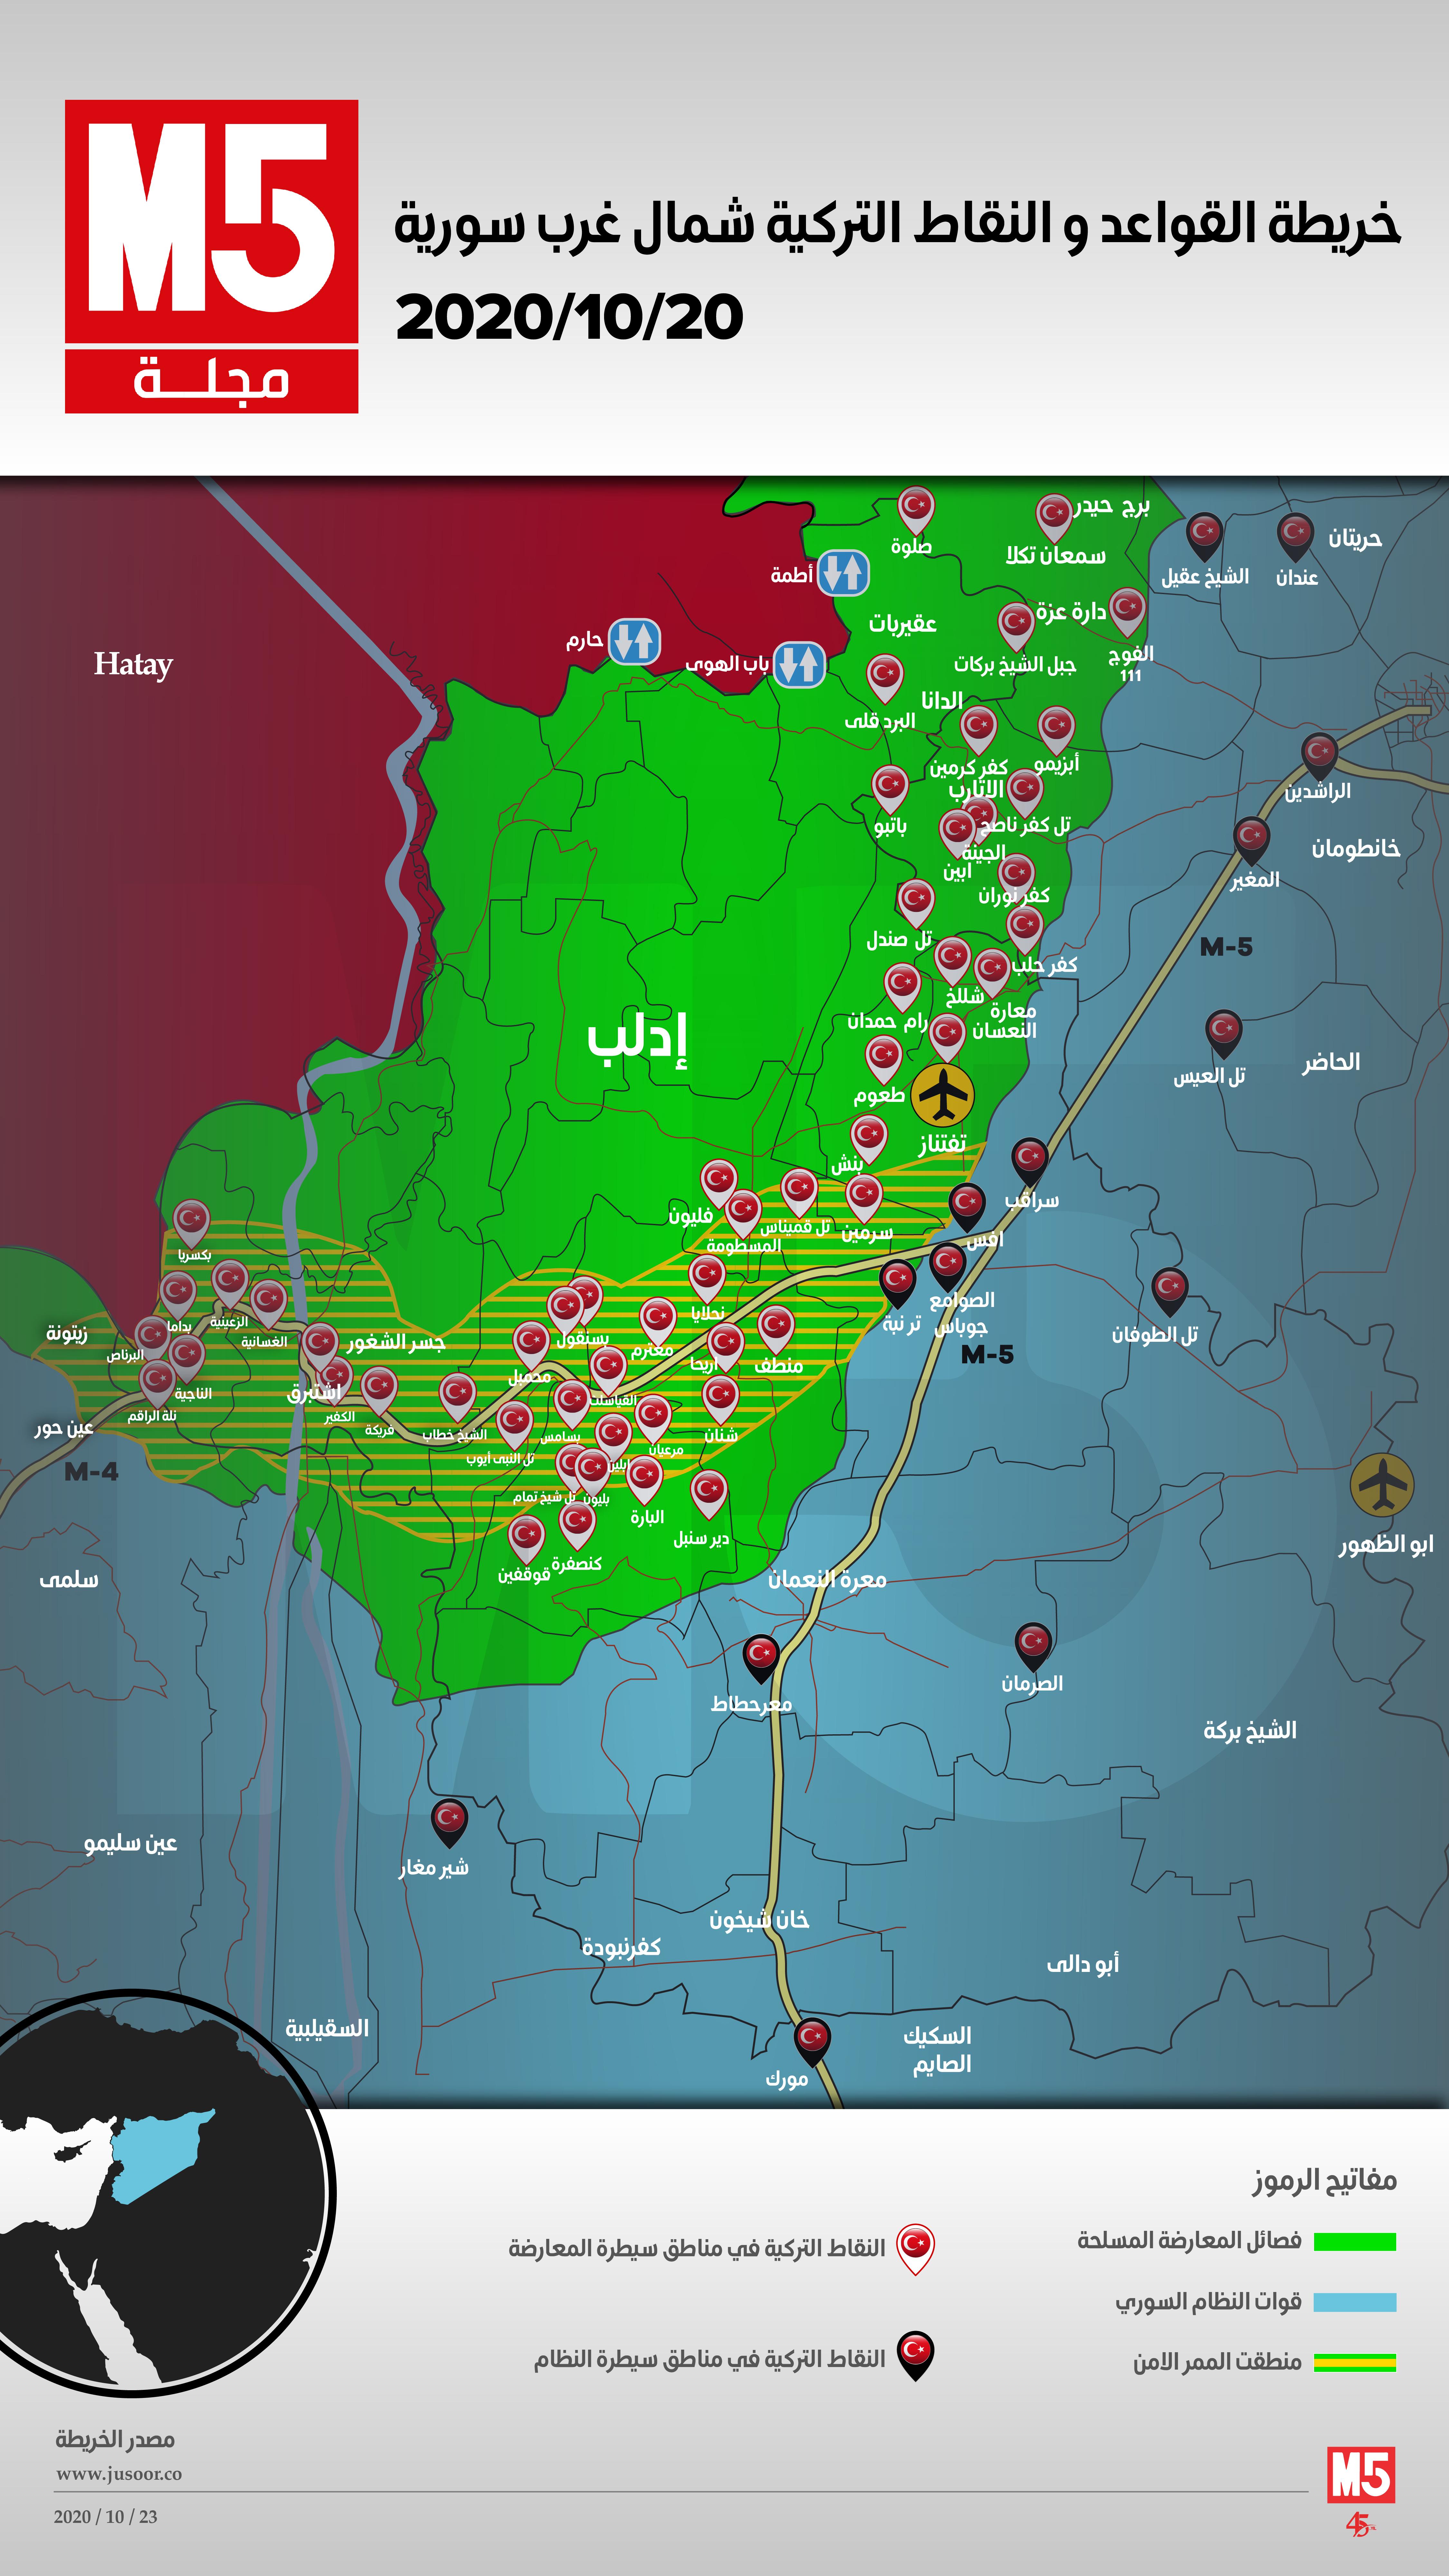 صورة خريطة القواعد و النقاط التركية شمال غرب سورية 2020/10/20